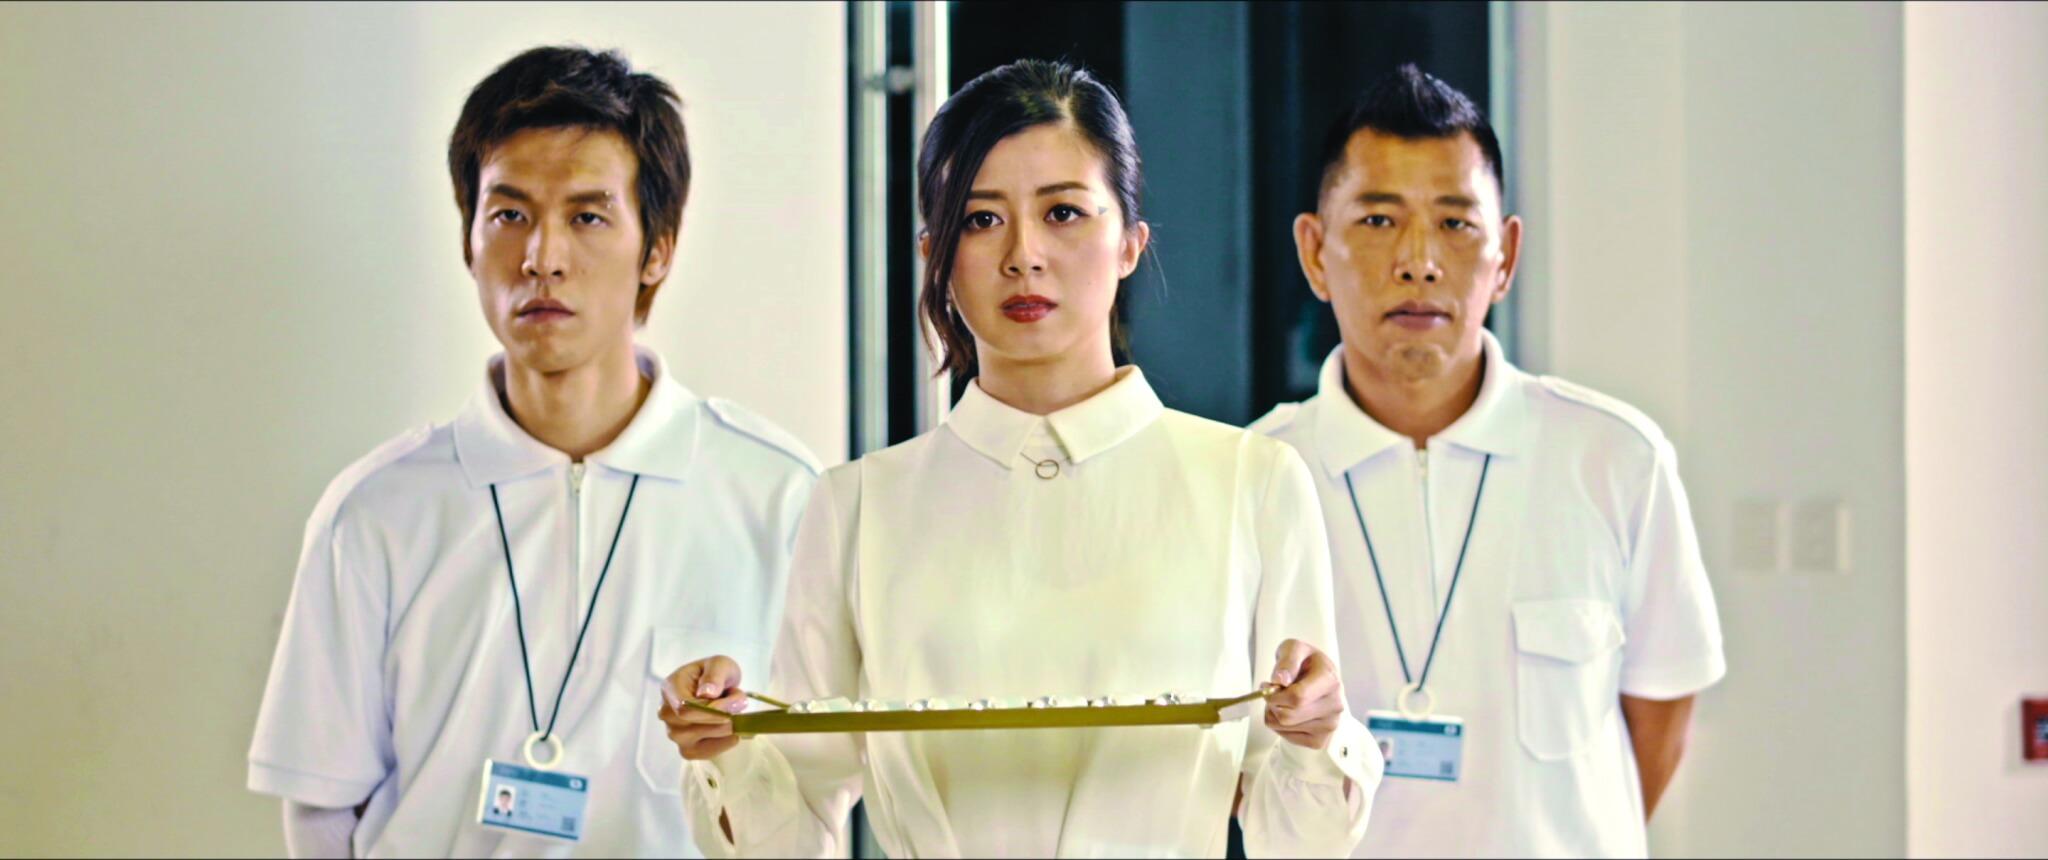 【岑傲明視評】《理想國》:香港的一面鏡 - 專欄 岑傲明.視評 - 明周娛樂